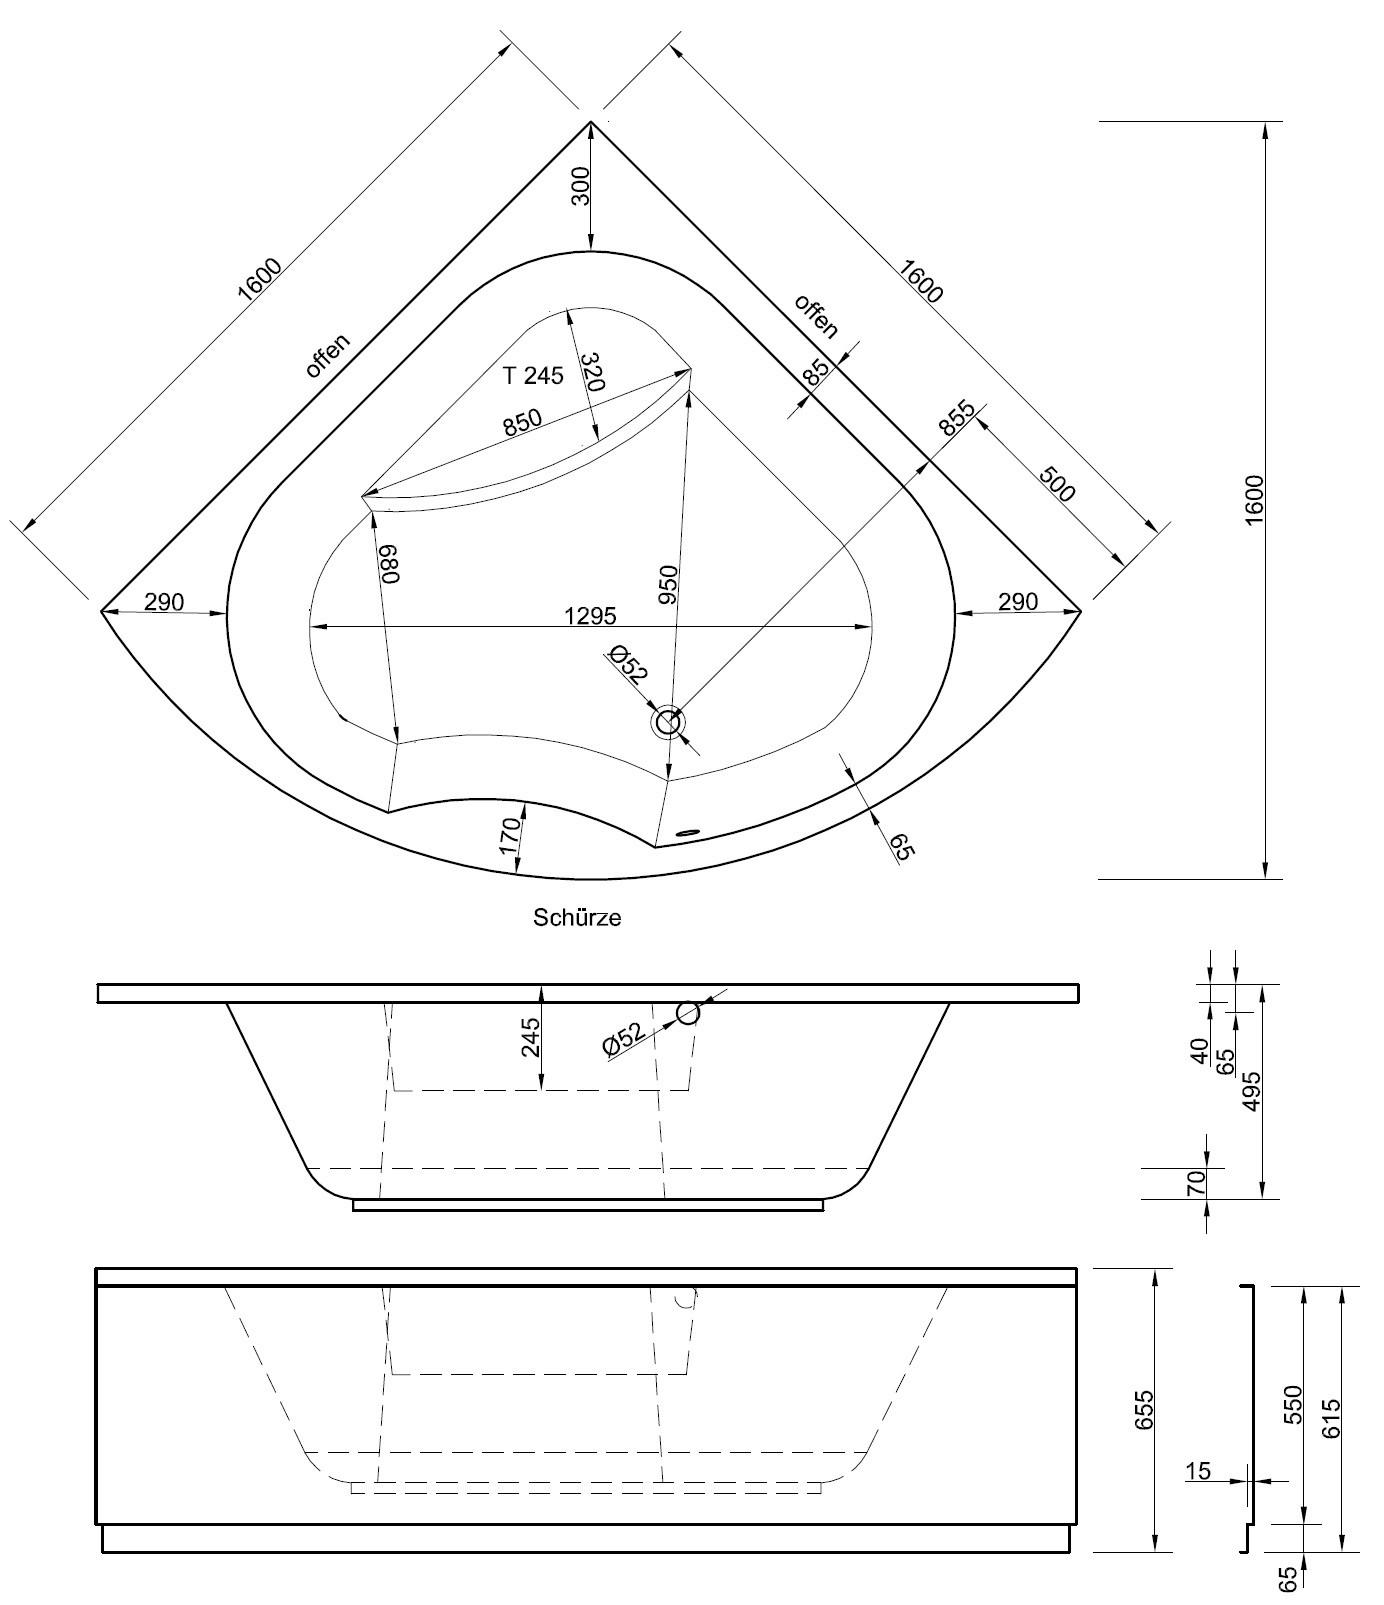 Eckbadewanne mit Schürze 160 x 160 cm Badewanne Badewanne Eckwanne ... | {Eckbadewanne maße 160 10}